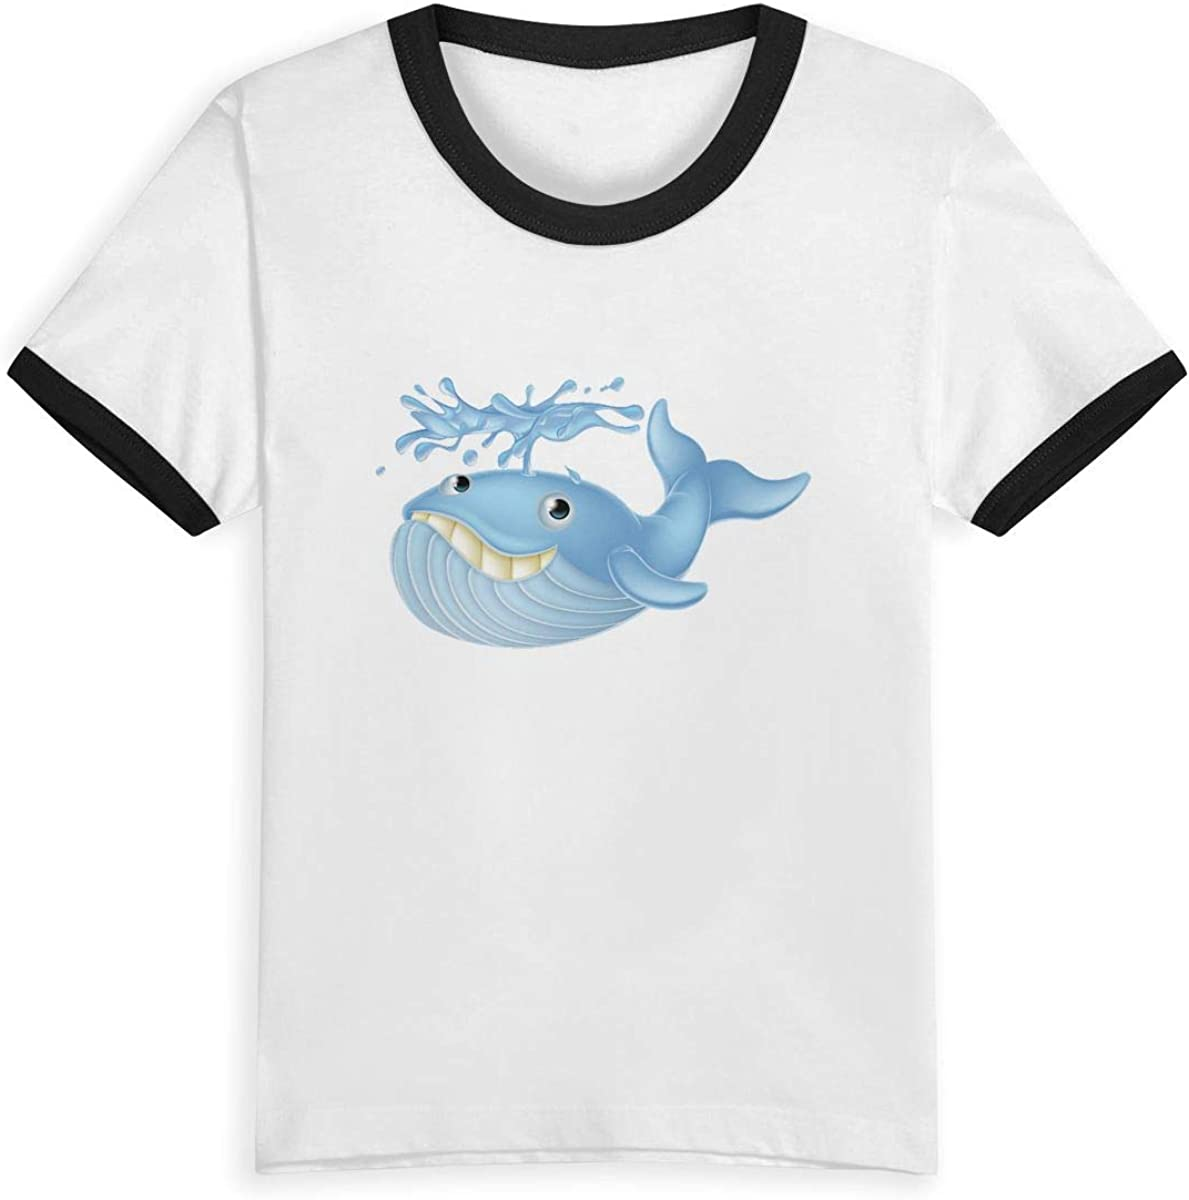 Queen Elena - Camiseta de Dibujo Animado para niño 2-6Y Summer Infant Niños, Niños, Niños, Niños, Niños, Chicas Moda Ropa De Algodón Contraste Color Negro 5-6 años: Amazon.es: Ropa y accesorios